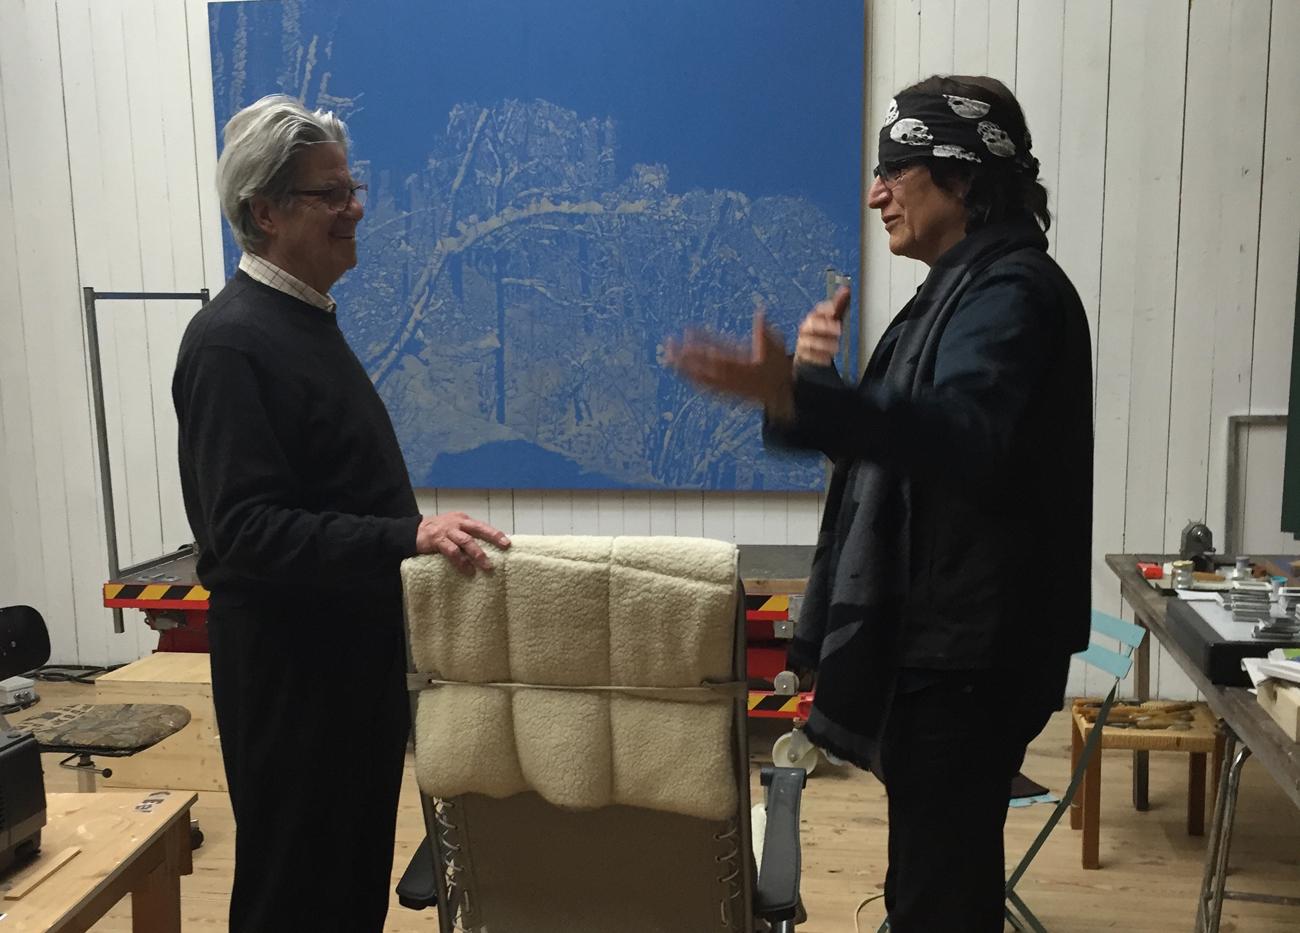 Helnwein talks with Franz Gertsch in his studio